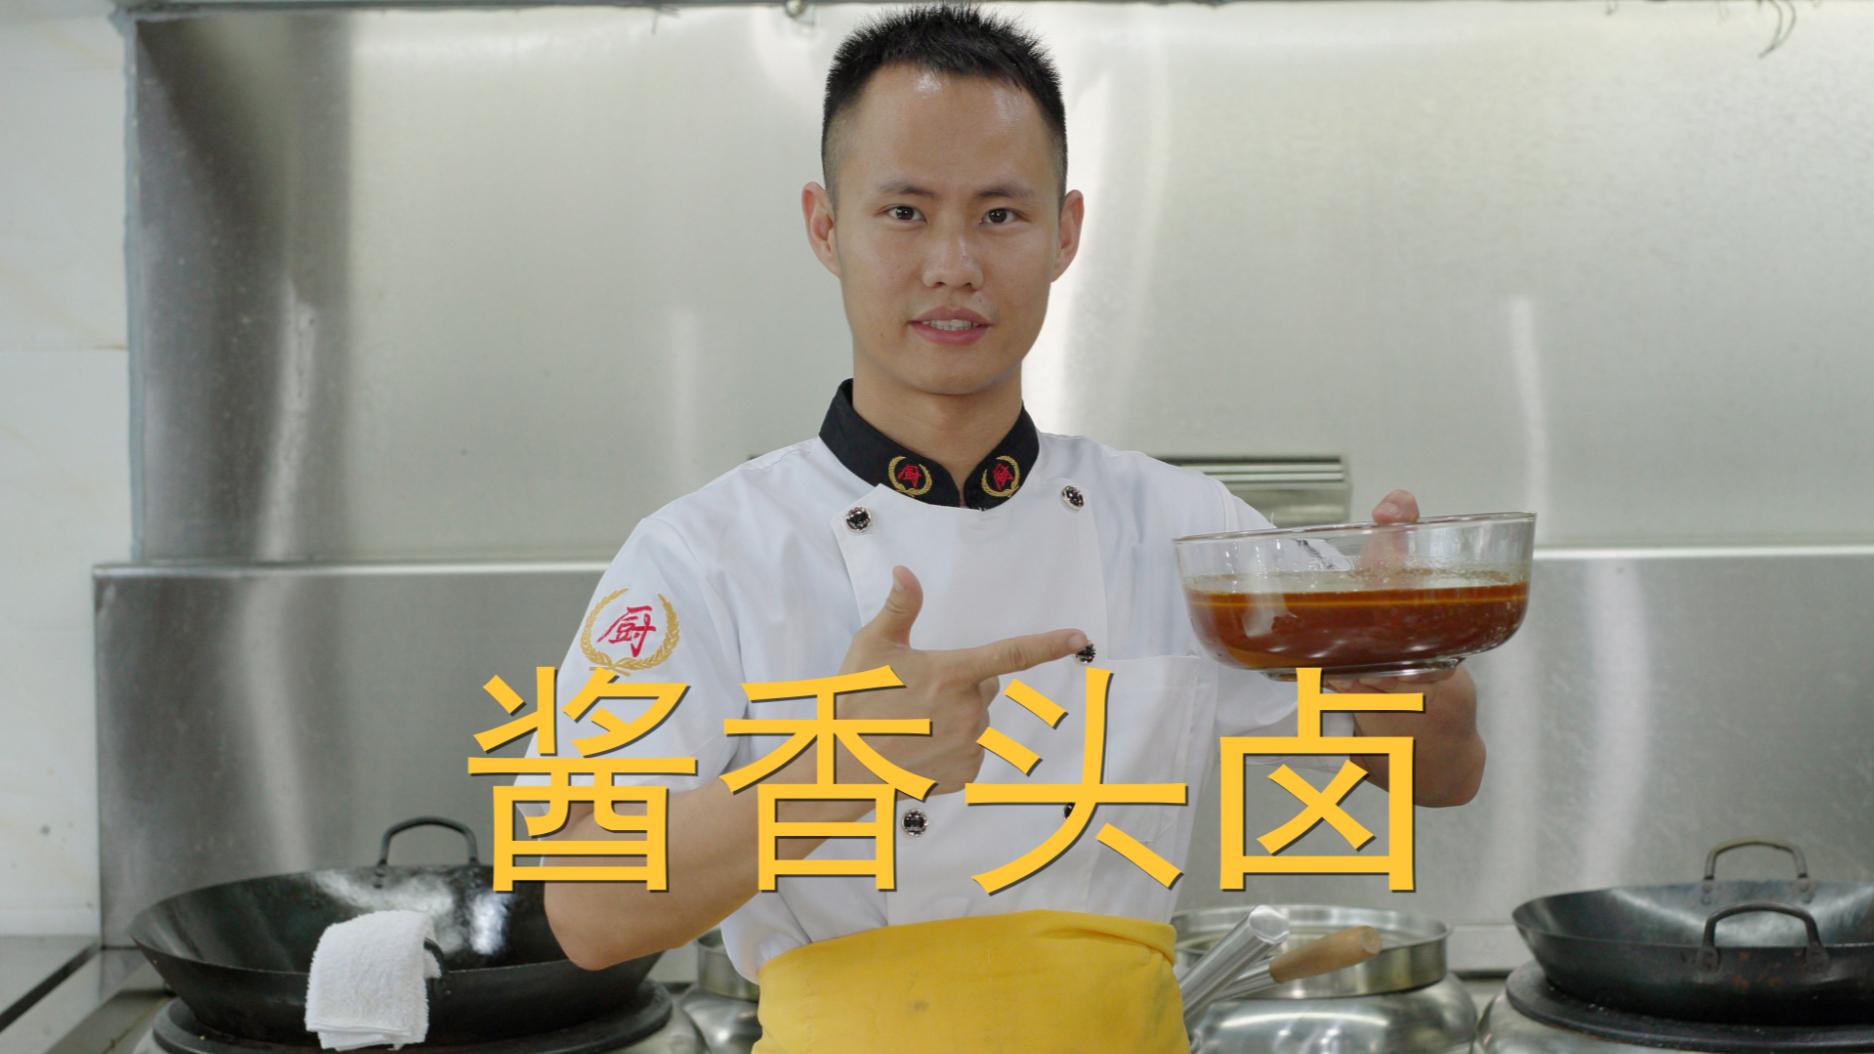 """厨师长教你:""""酱香头卤""""的江湖做法,里面满满的小技巧,收藏了"""